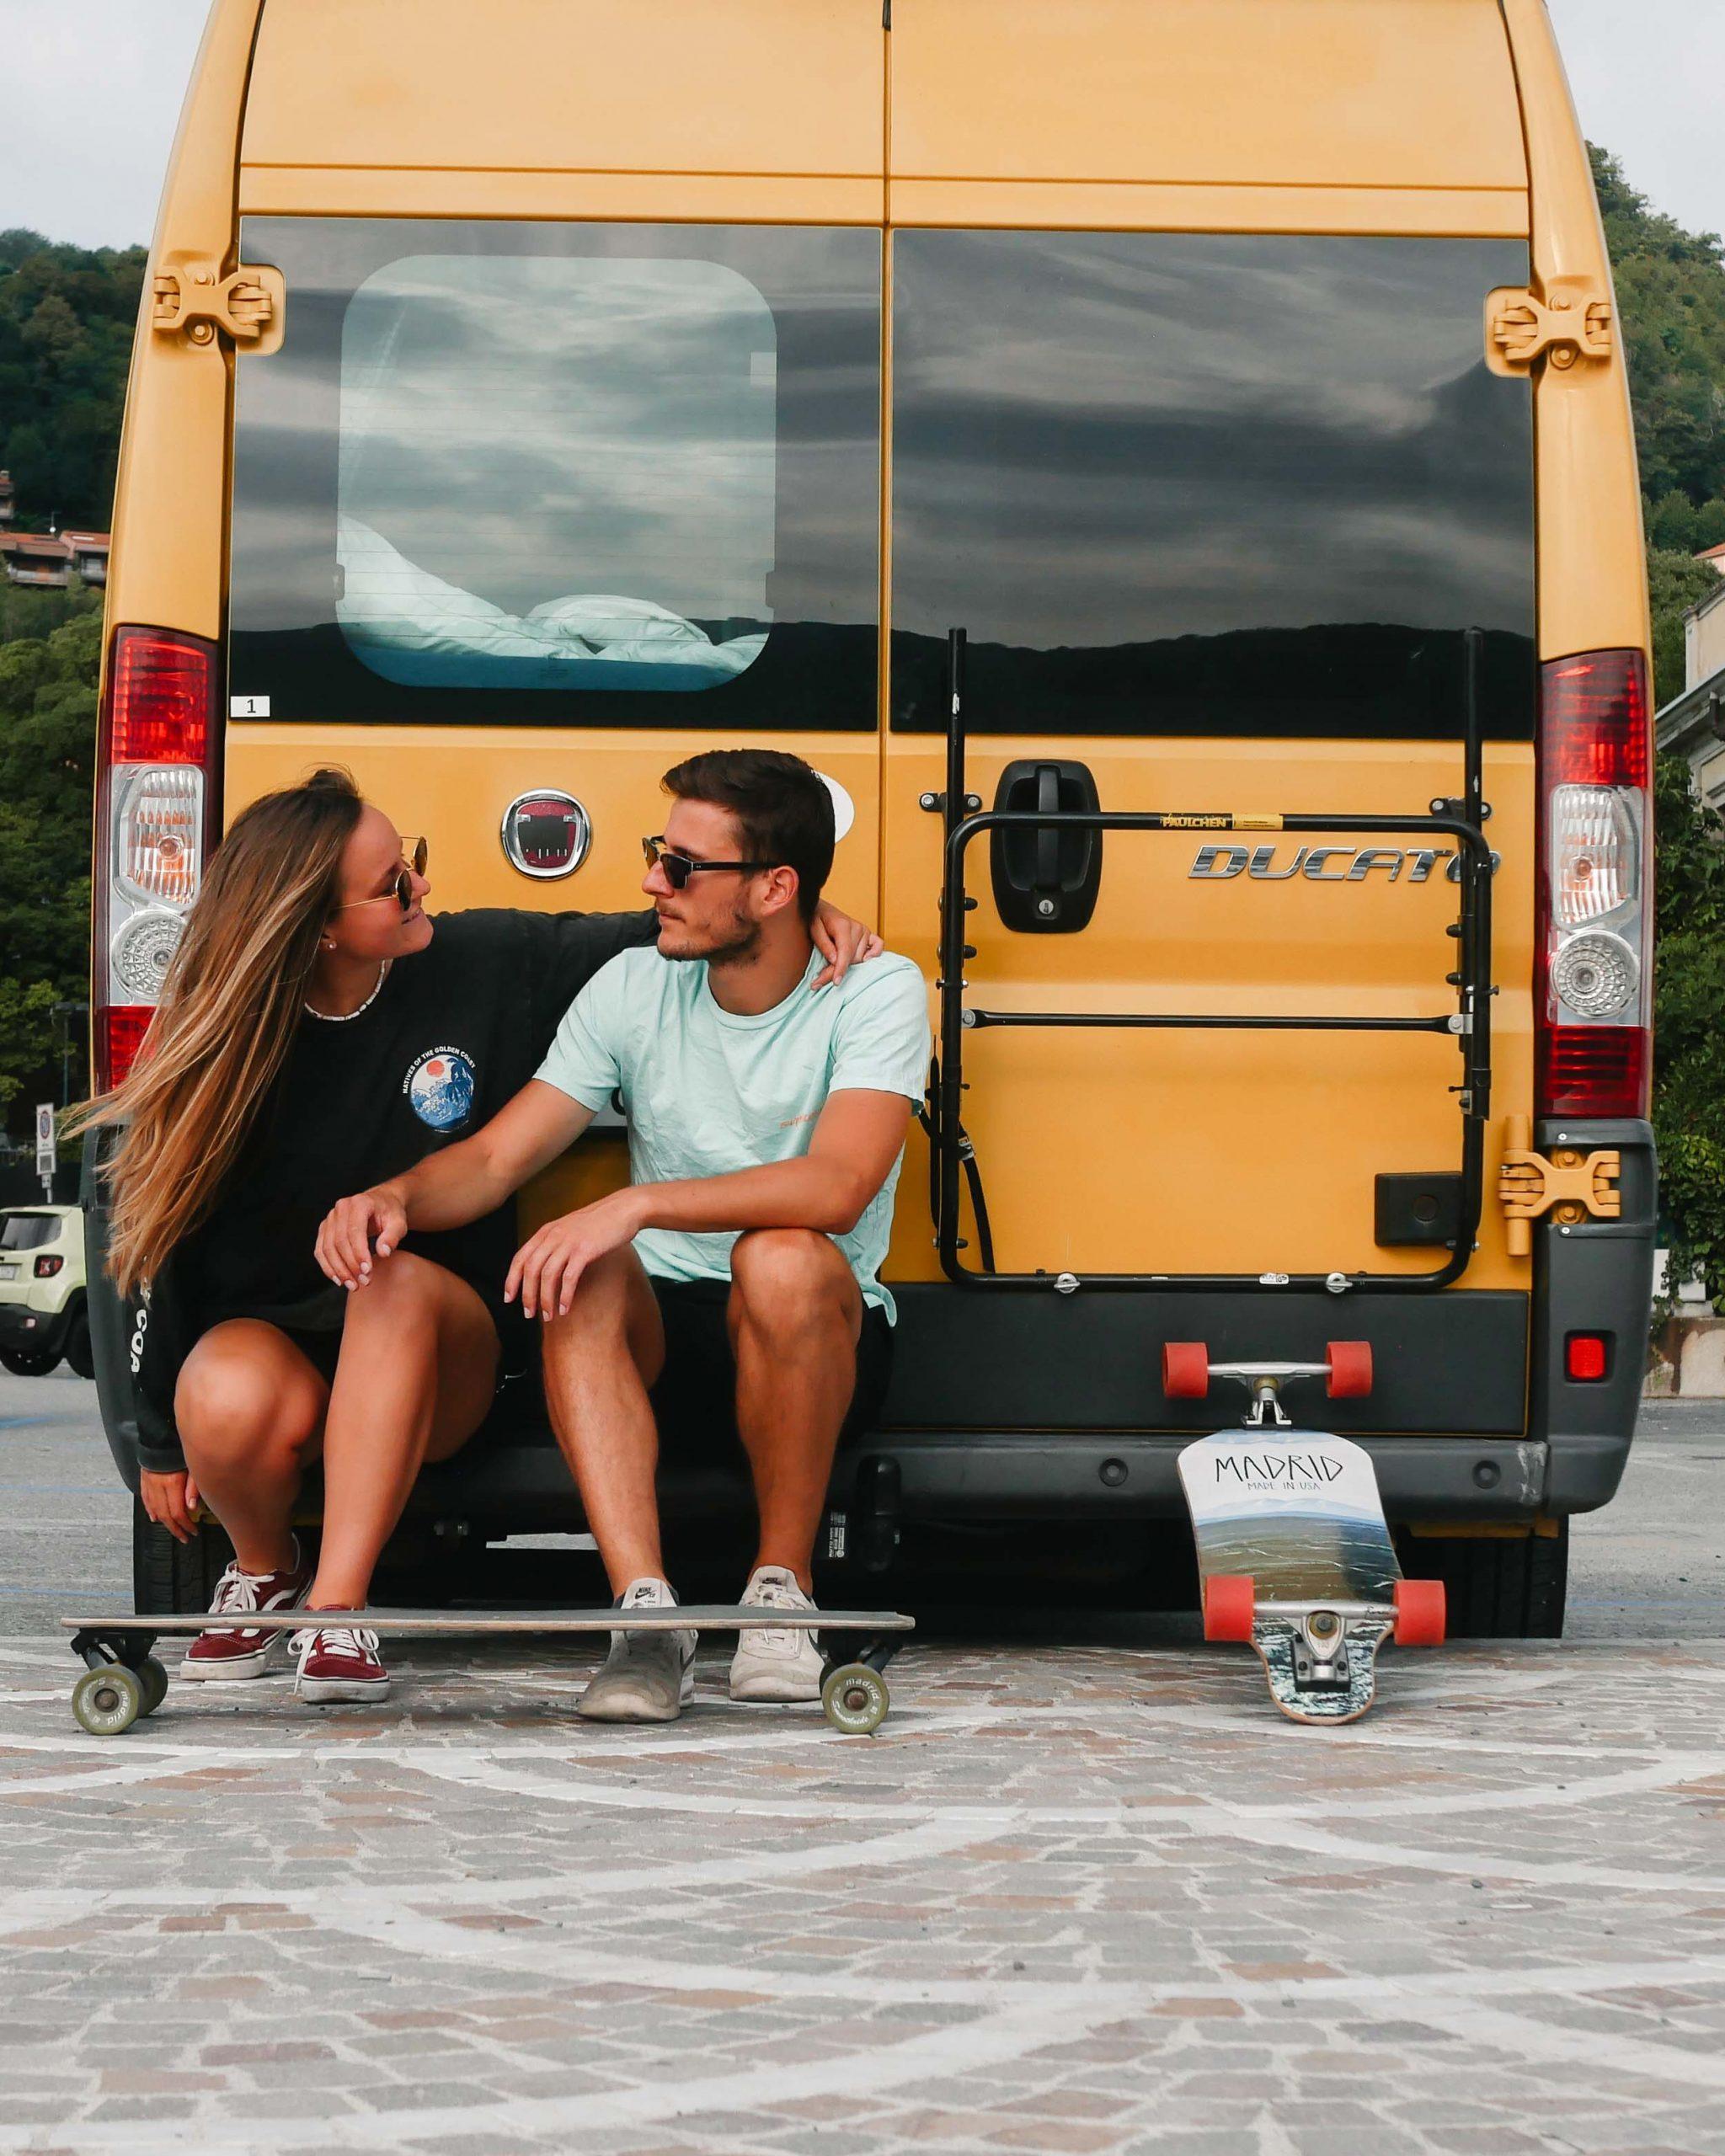 Camping Toskana, Pärchen schaut sich an vor dem gelben Camper